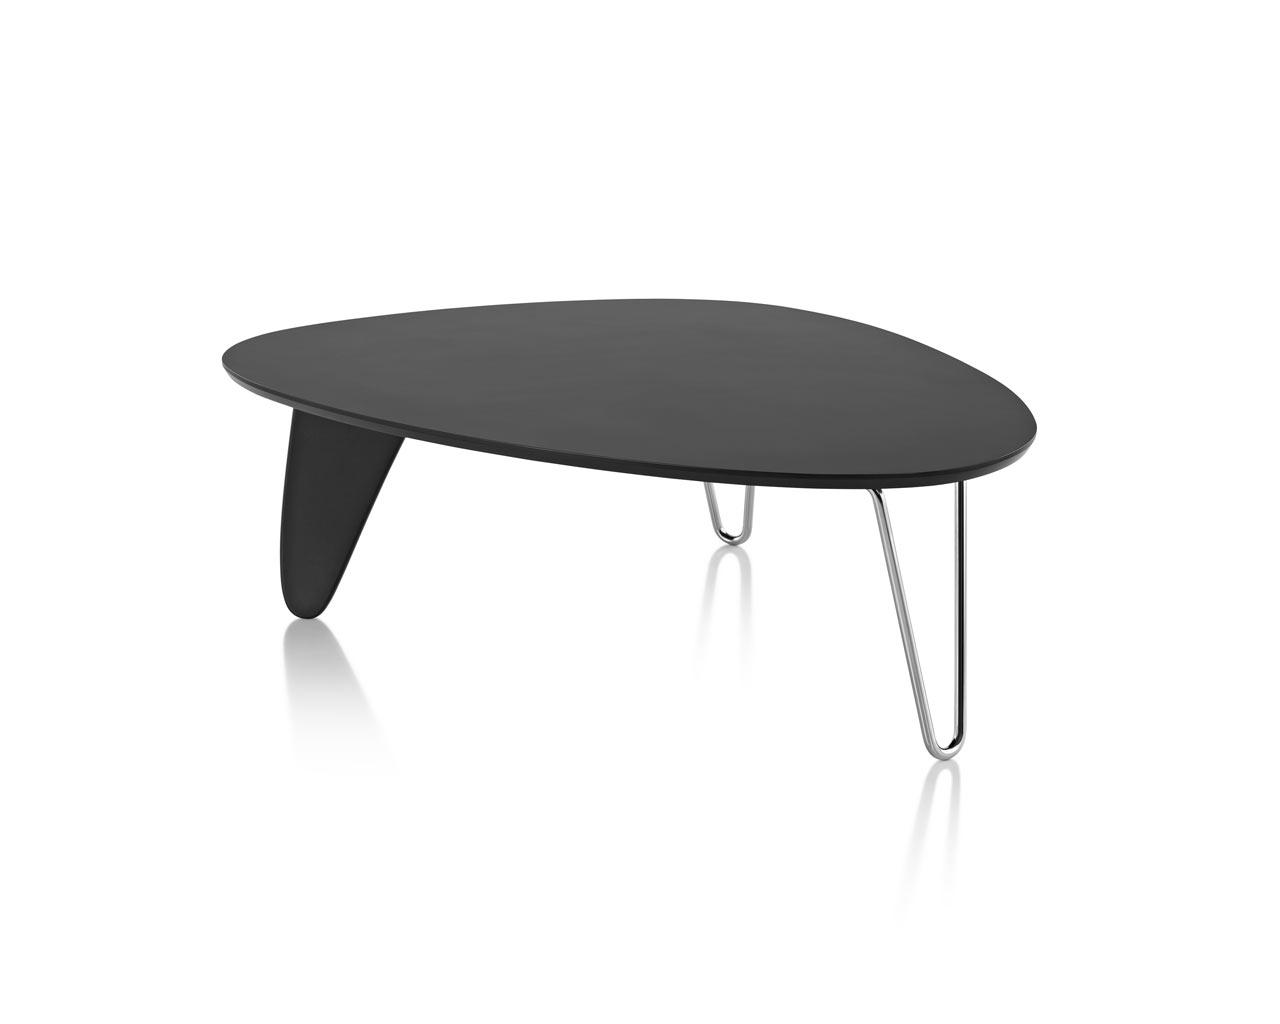 Herman Miller ReIntroduces Rudder Table By Noguchi Design Milk - Noguchi inspired coffee table